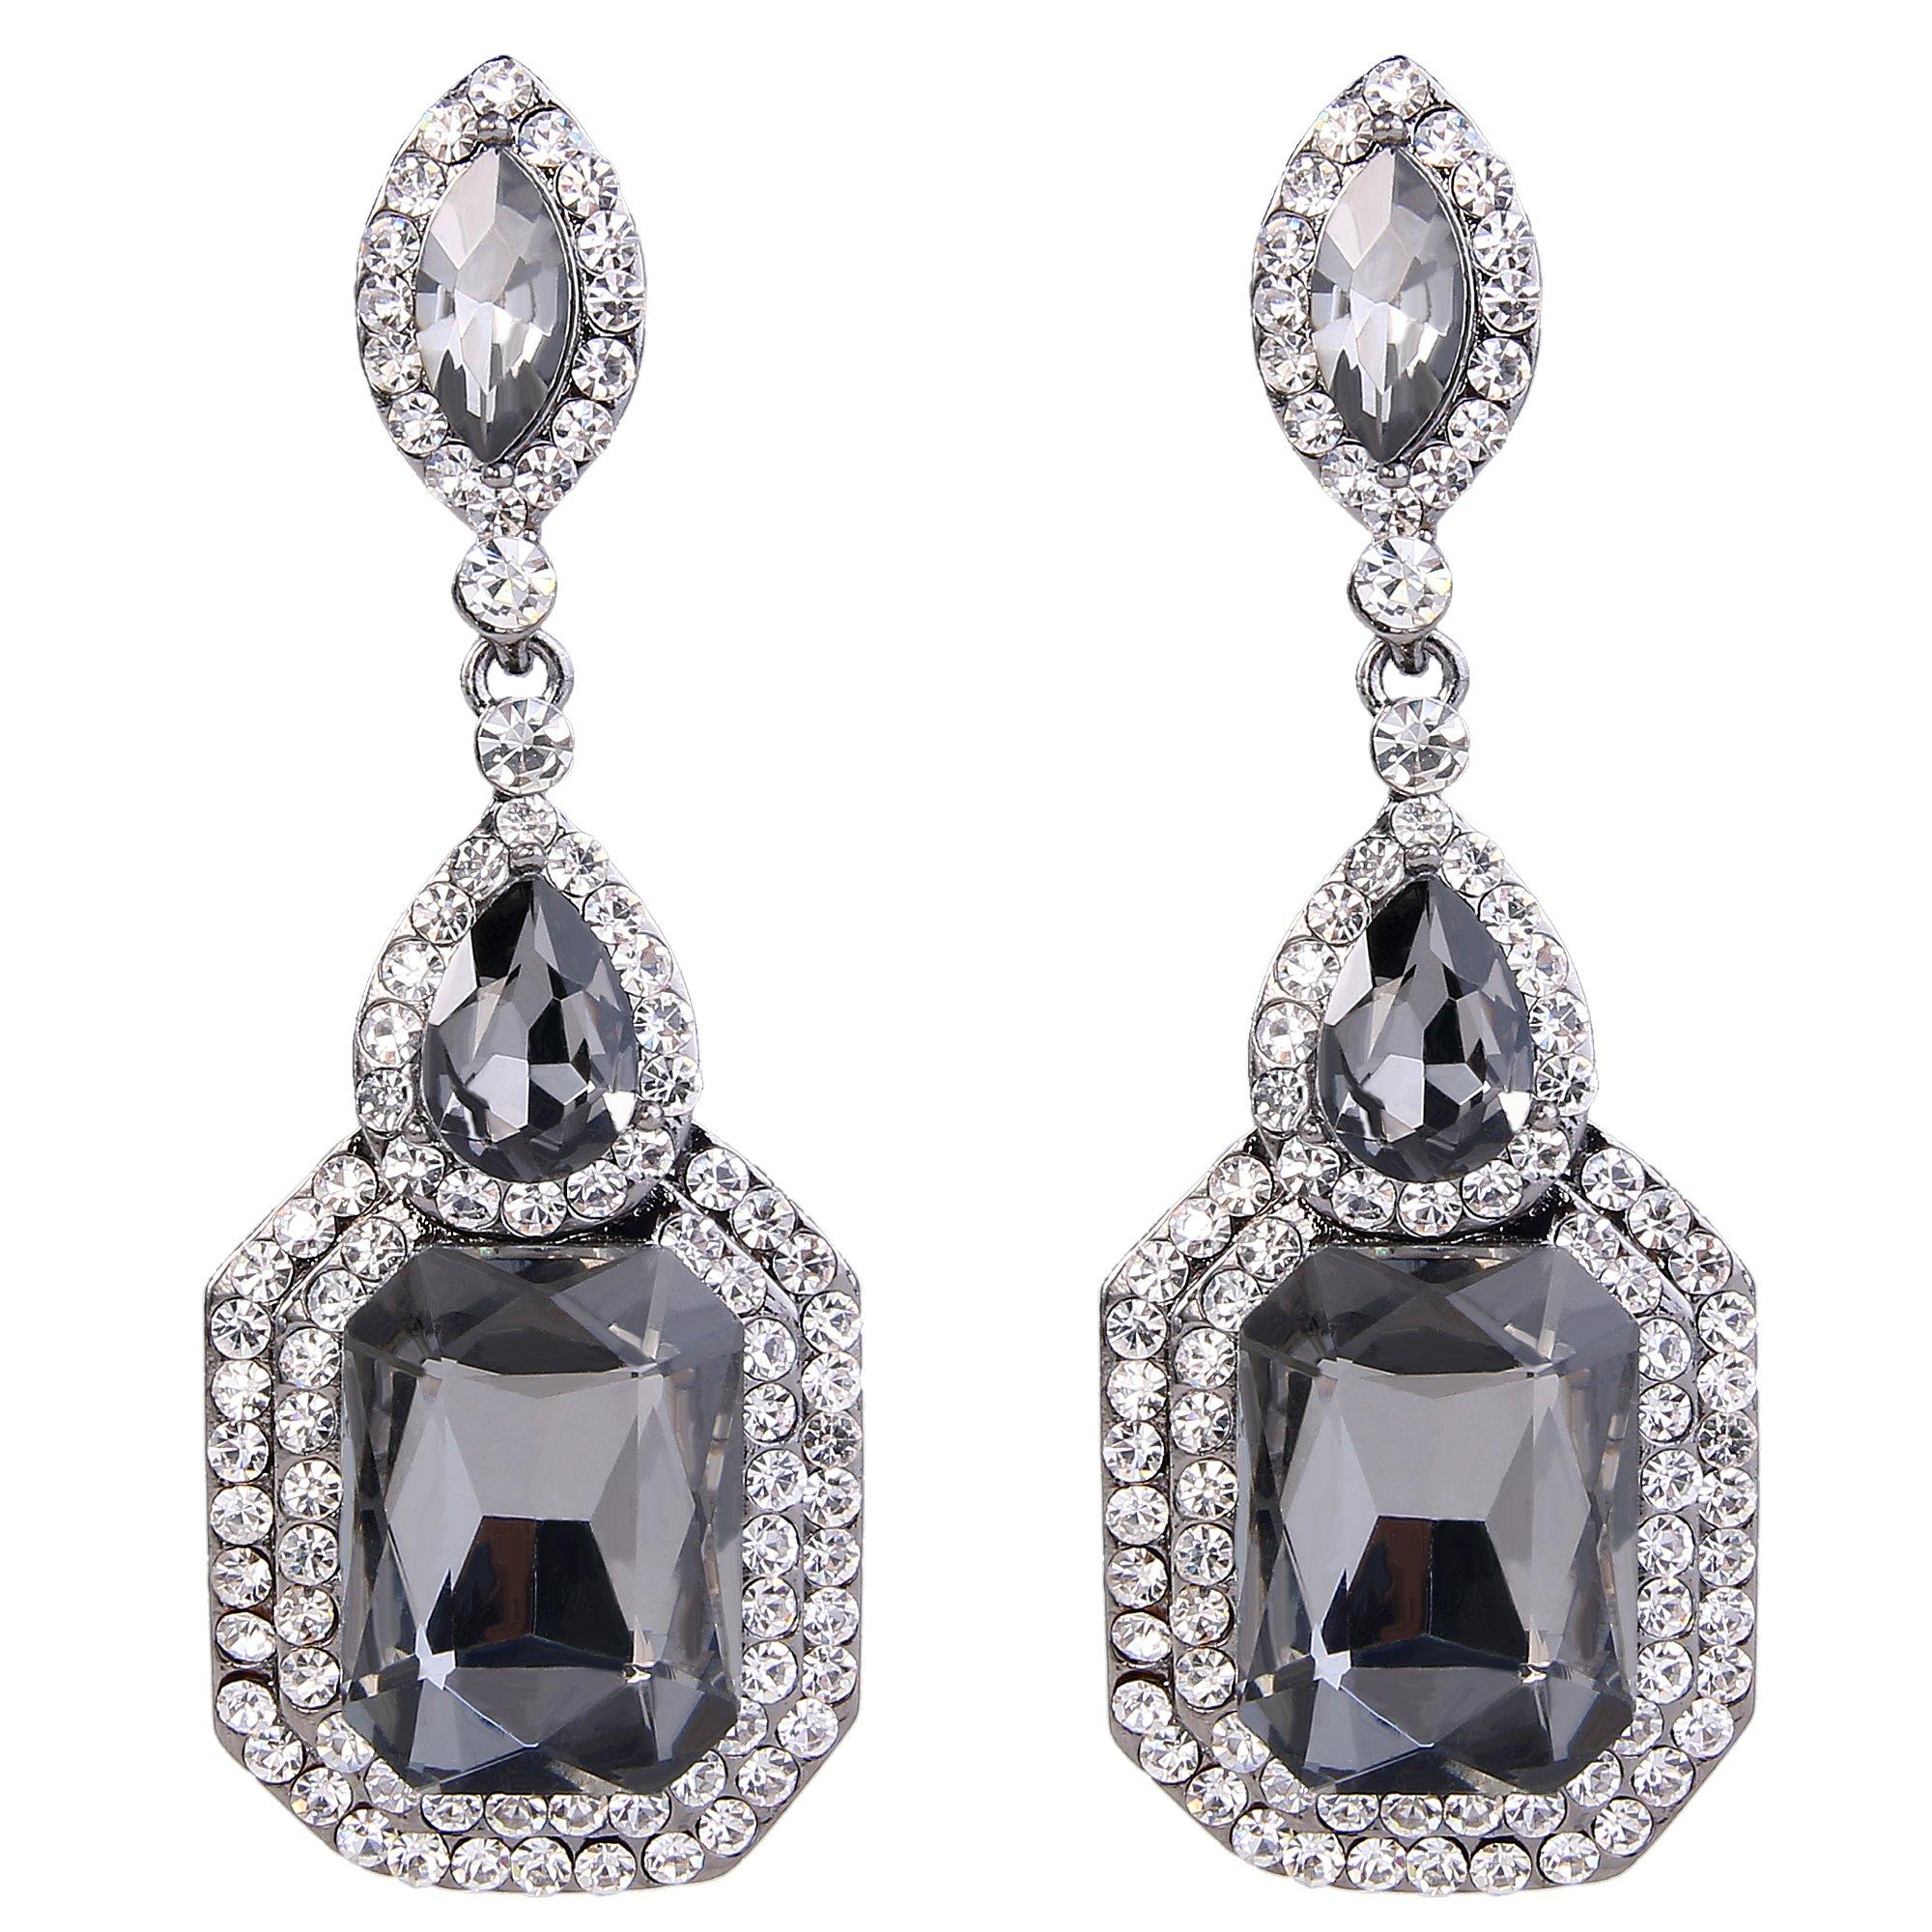 BriLove Wedding Bridal Dangle Earrings for Women Emerald Cut Crystal Infinity Figure 8 Chandelier Earrings Grey Black-Silver-Tone